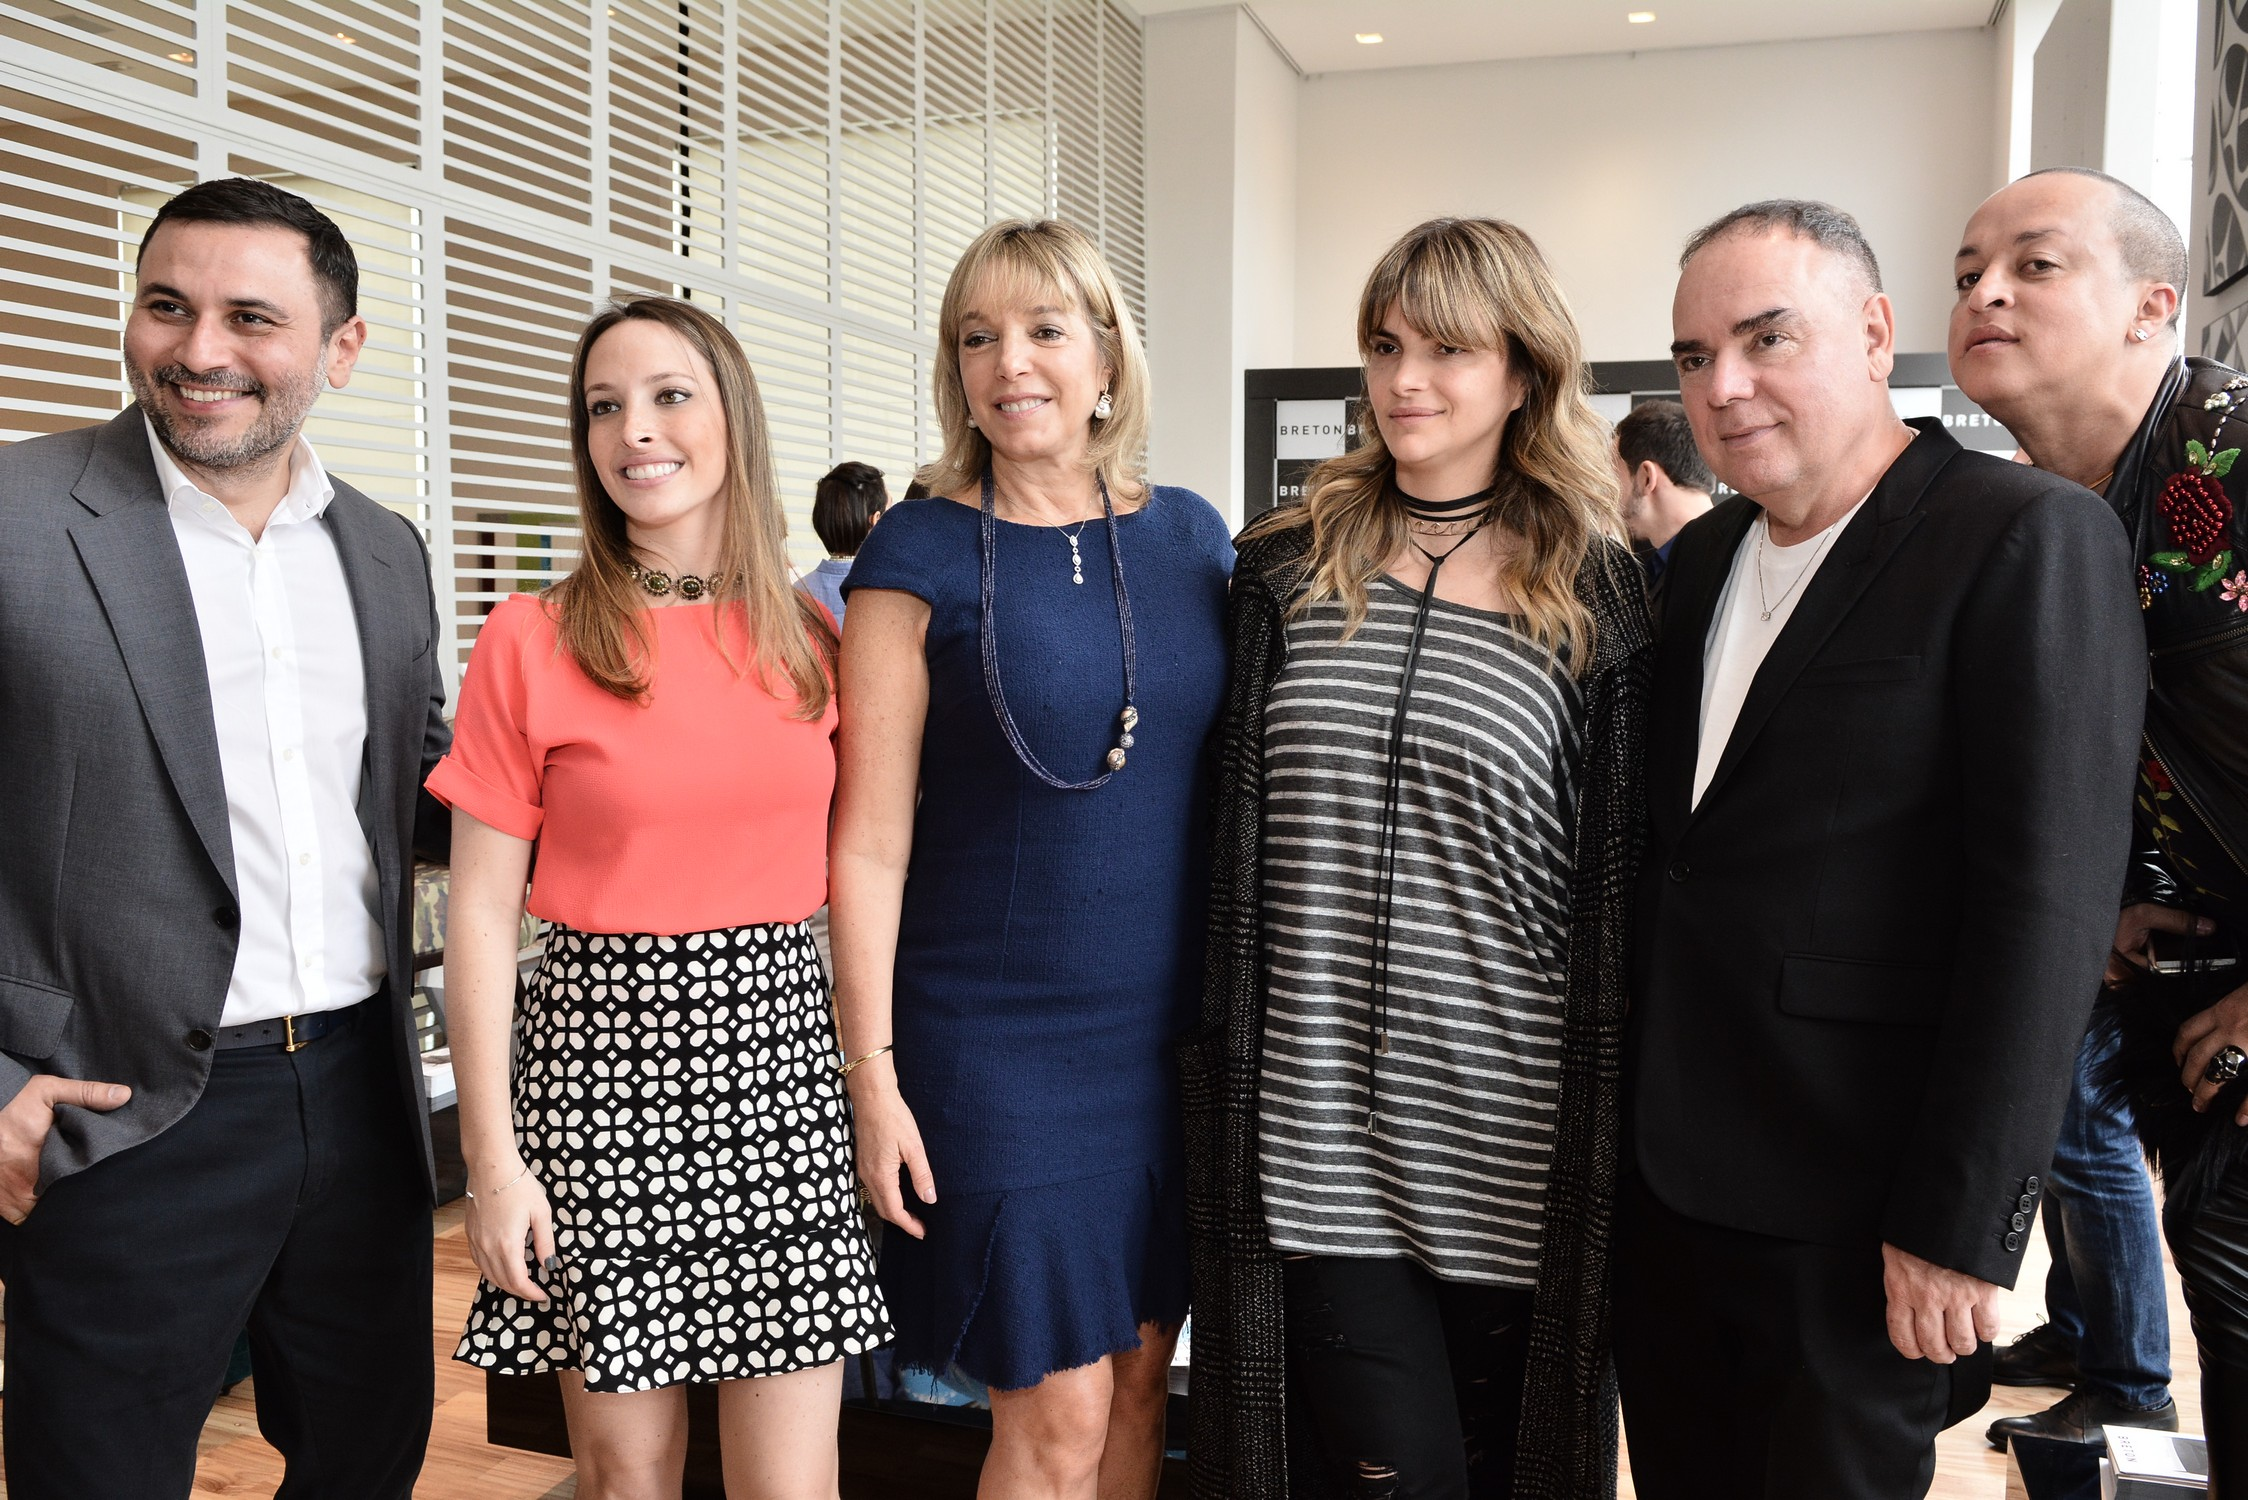 Andre Lima, Giselle e Anette Rivkind, Juliana Jabour e Reynaldo Lourenco e Valerio Araujo (3) - ModaNews